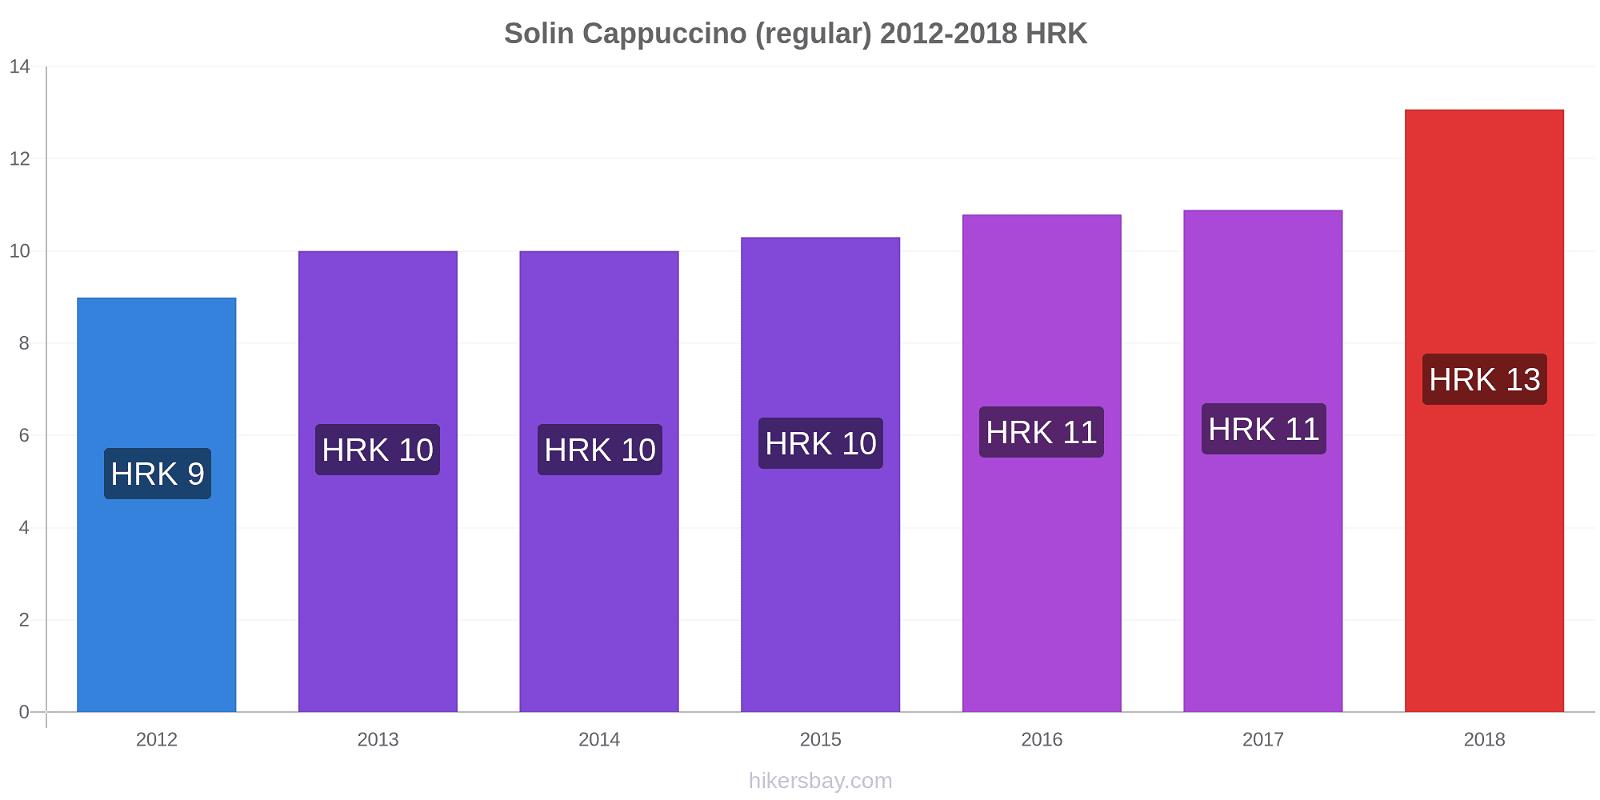 Solin price changes Cappuccino (regular) hikersbay.com